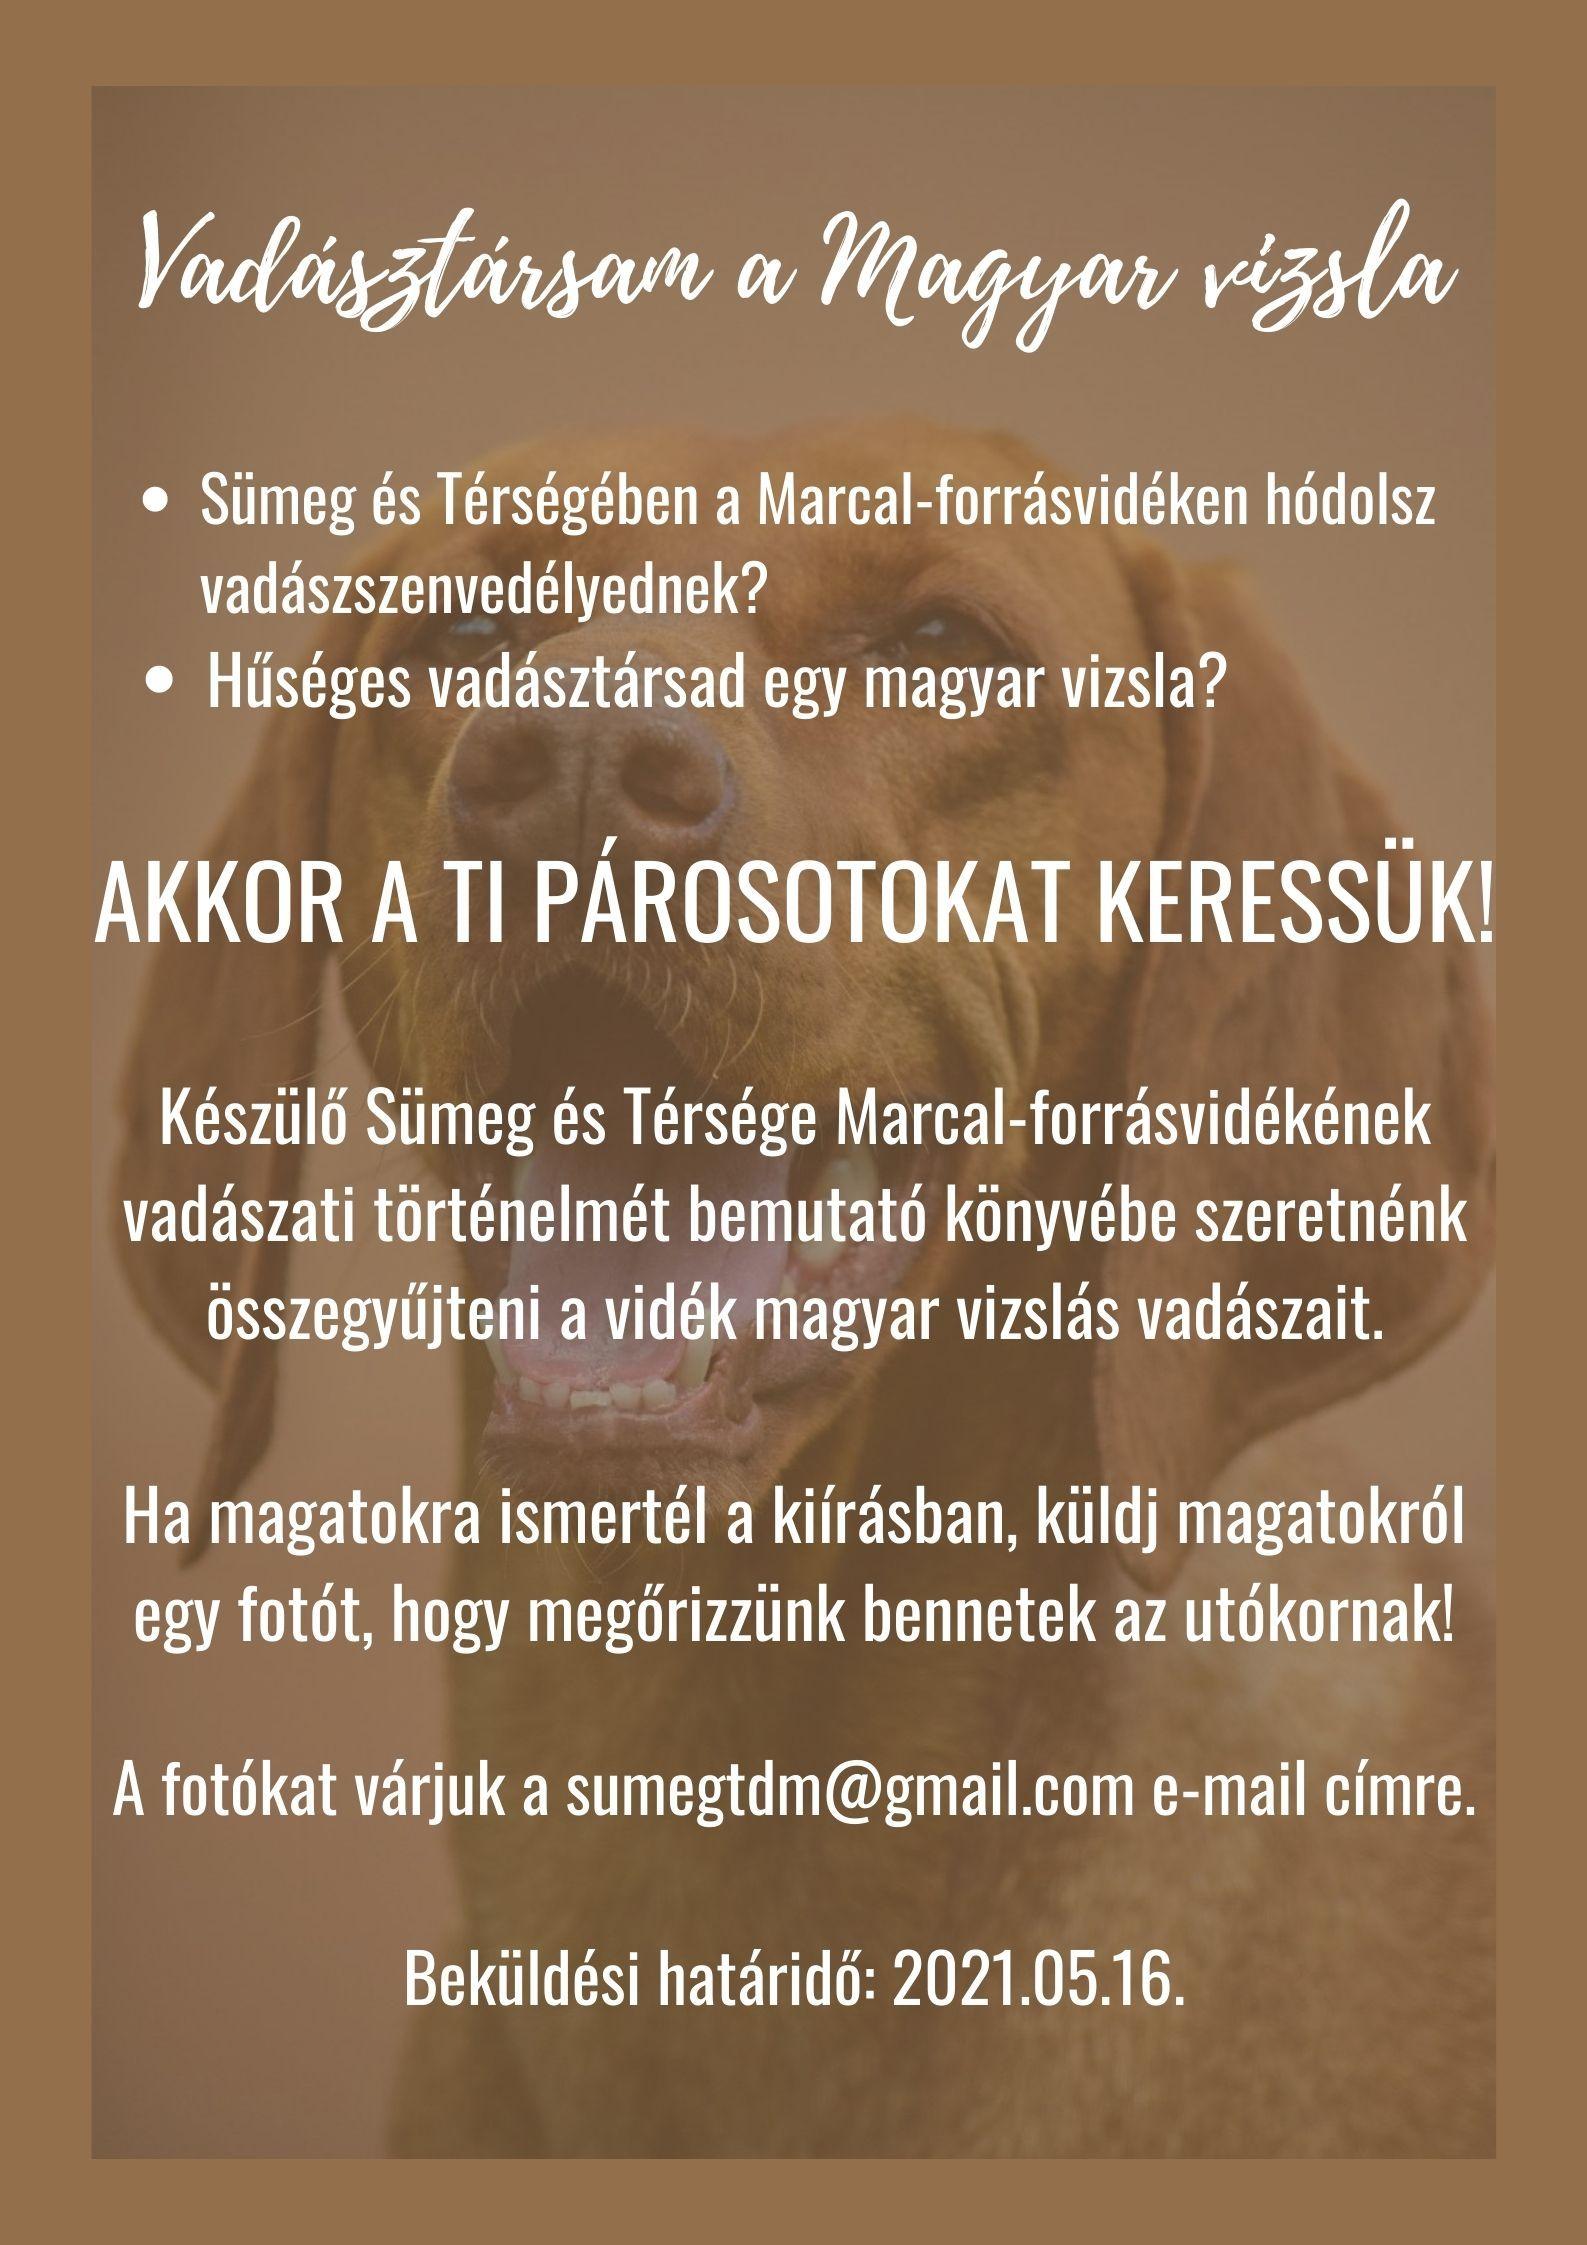 Vadásztársam a Magyar vizsla